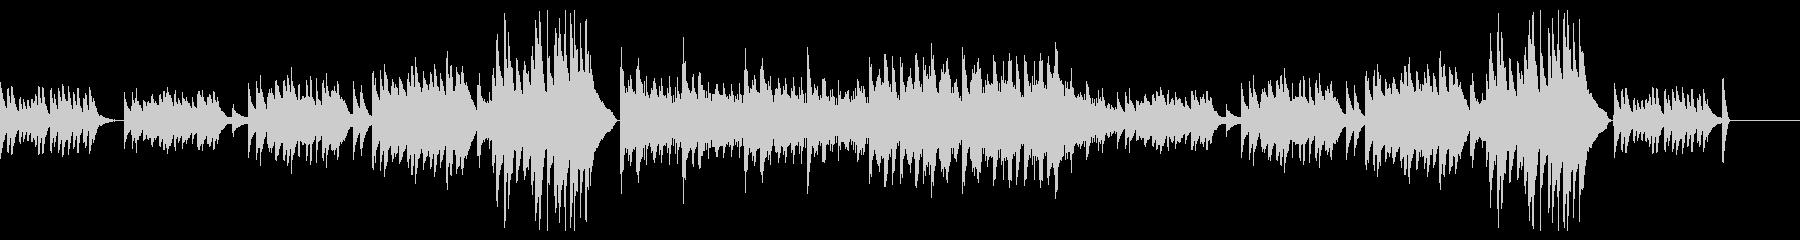 少し壮大なピアノ曲の未再生の波形